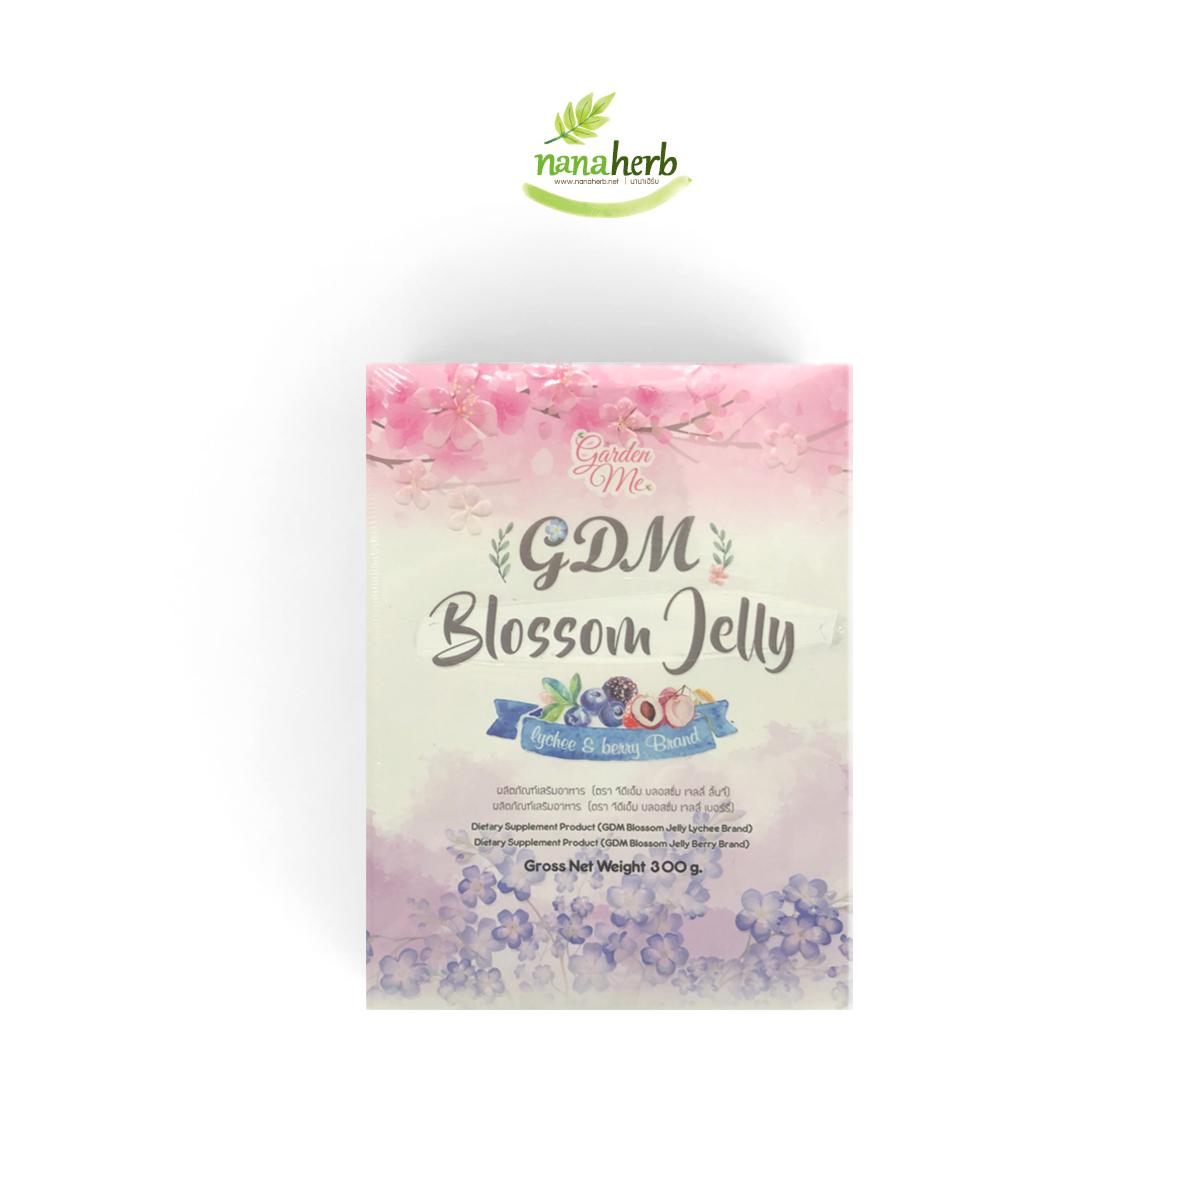 GDM Blossom Jelly (จีดีเอ็ม บลอสซั่ม เจลลี่) ลดน้ำหนัก ใหม่ดาวิกา